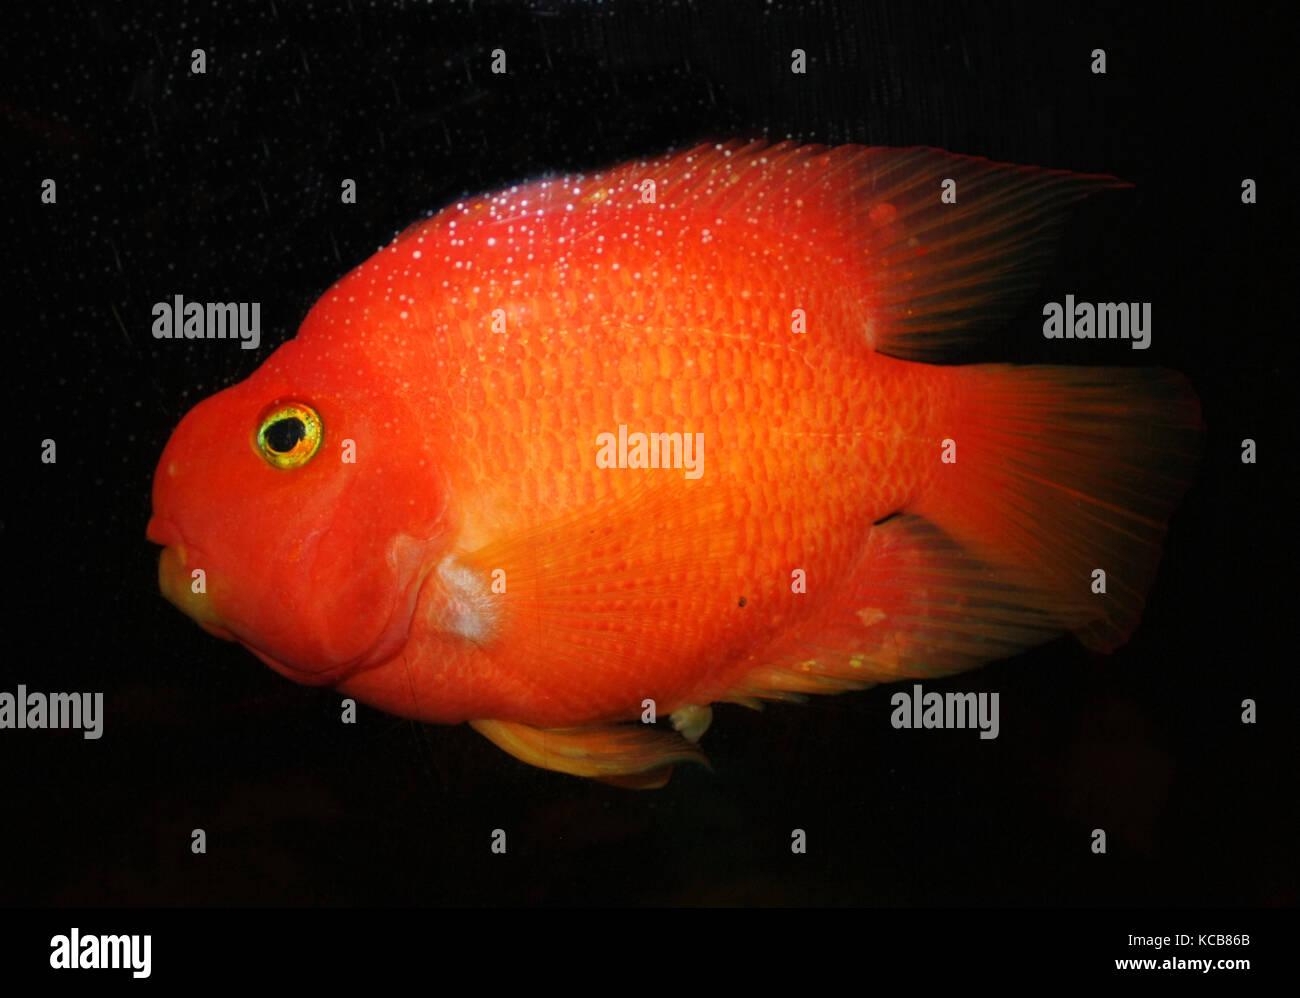 Fish Gills Stock Photos & Fish Gills Stock Images - Alamy